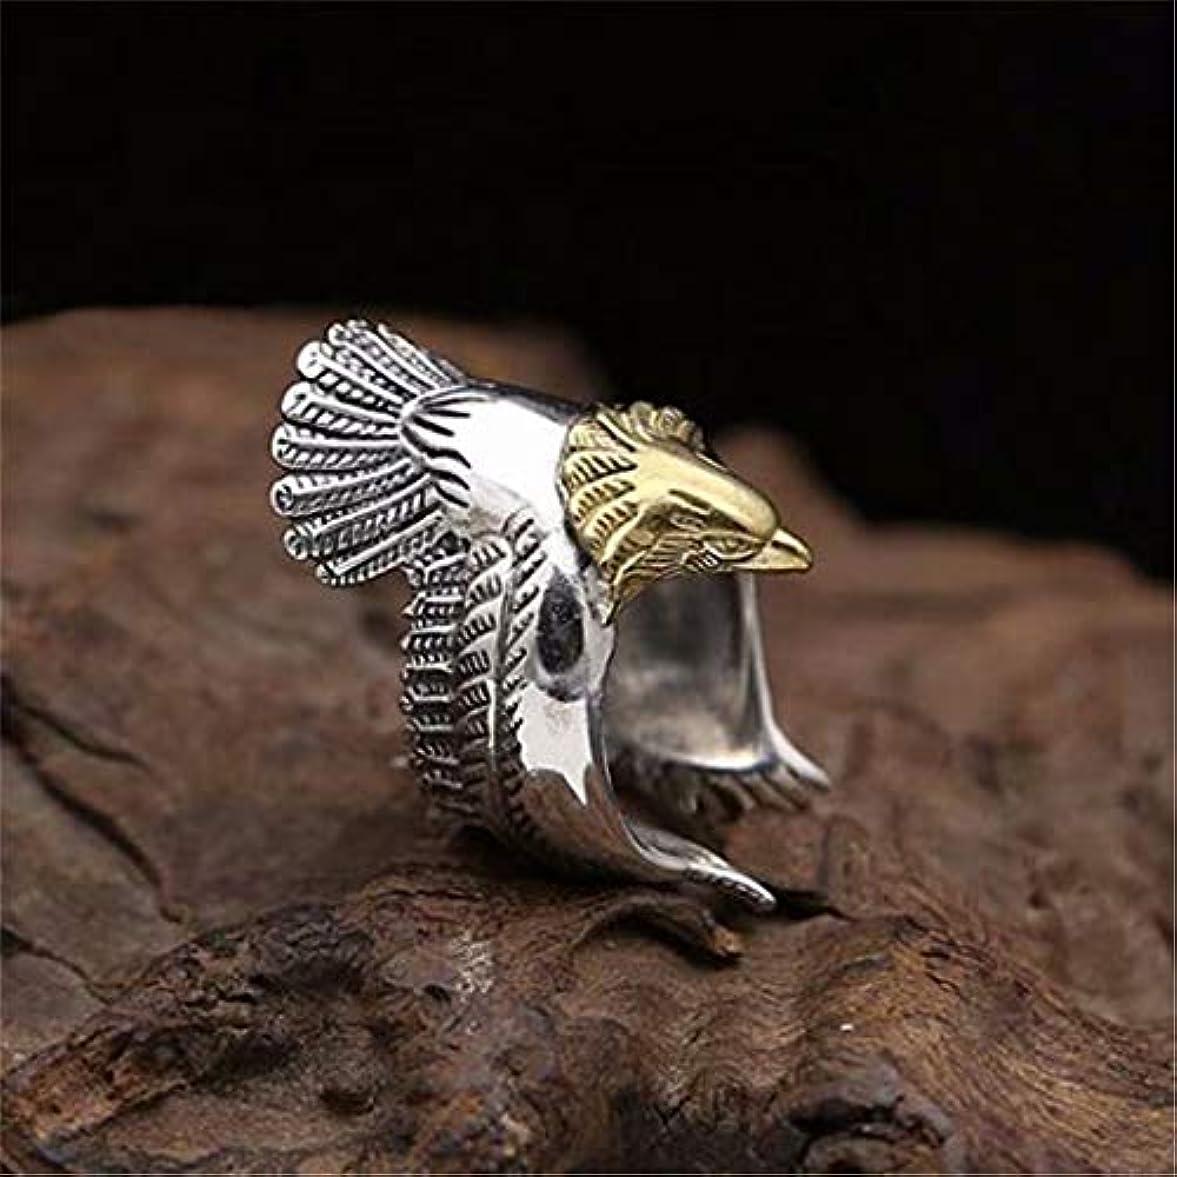 コミットすり減るだます七里の香 メンズ レディース 男女 兼用 人気 鷲 羽根 フリー サイズ 指輪 1個